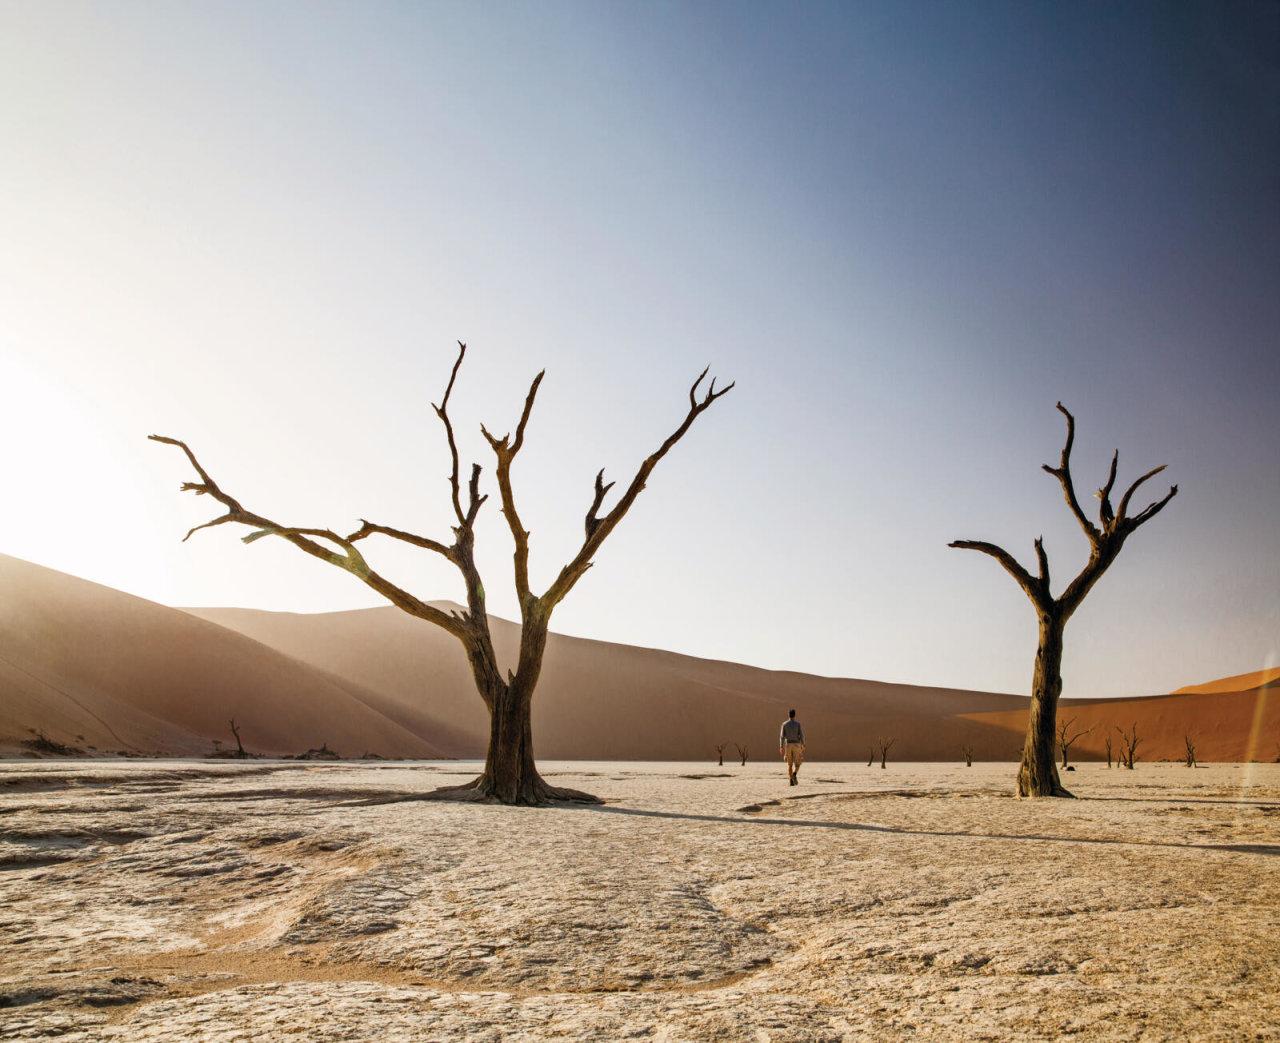 Klimaatverandering na corona: hoe we de aarde moeten beschermen